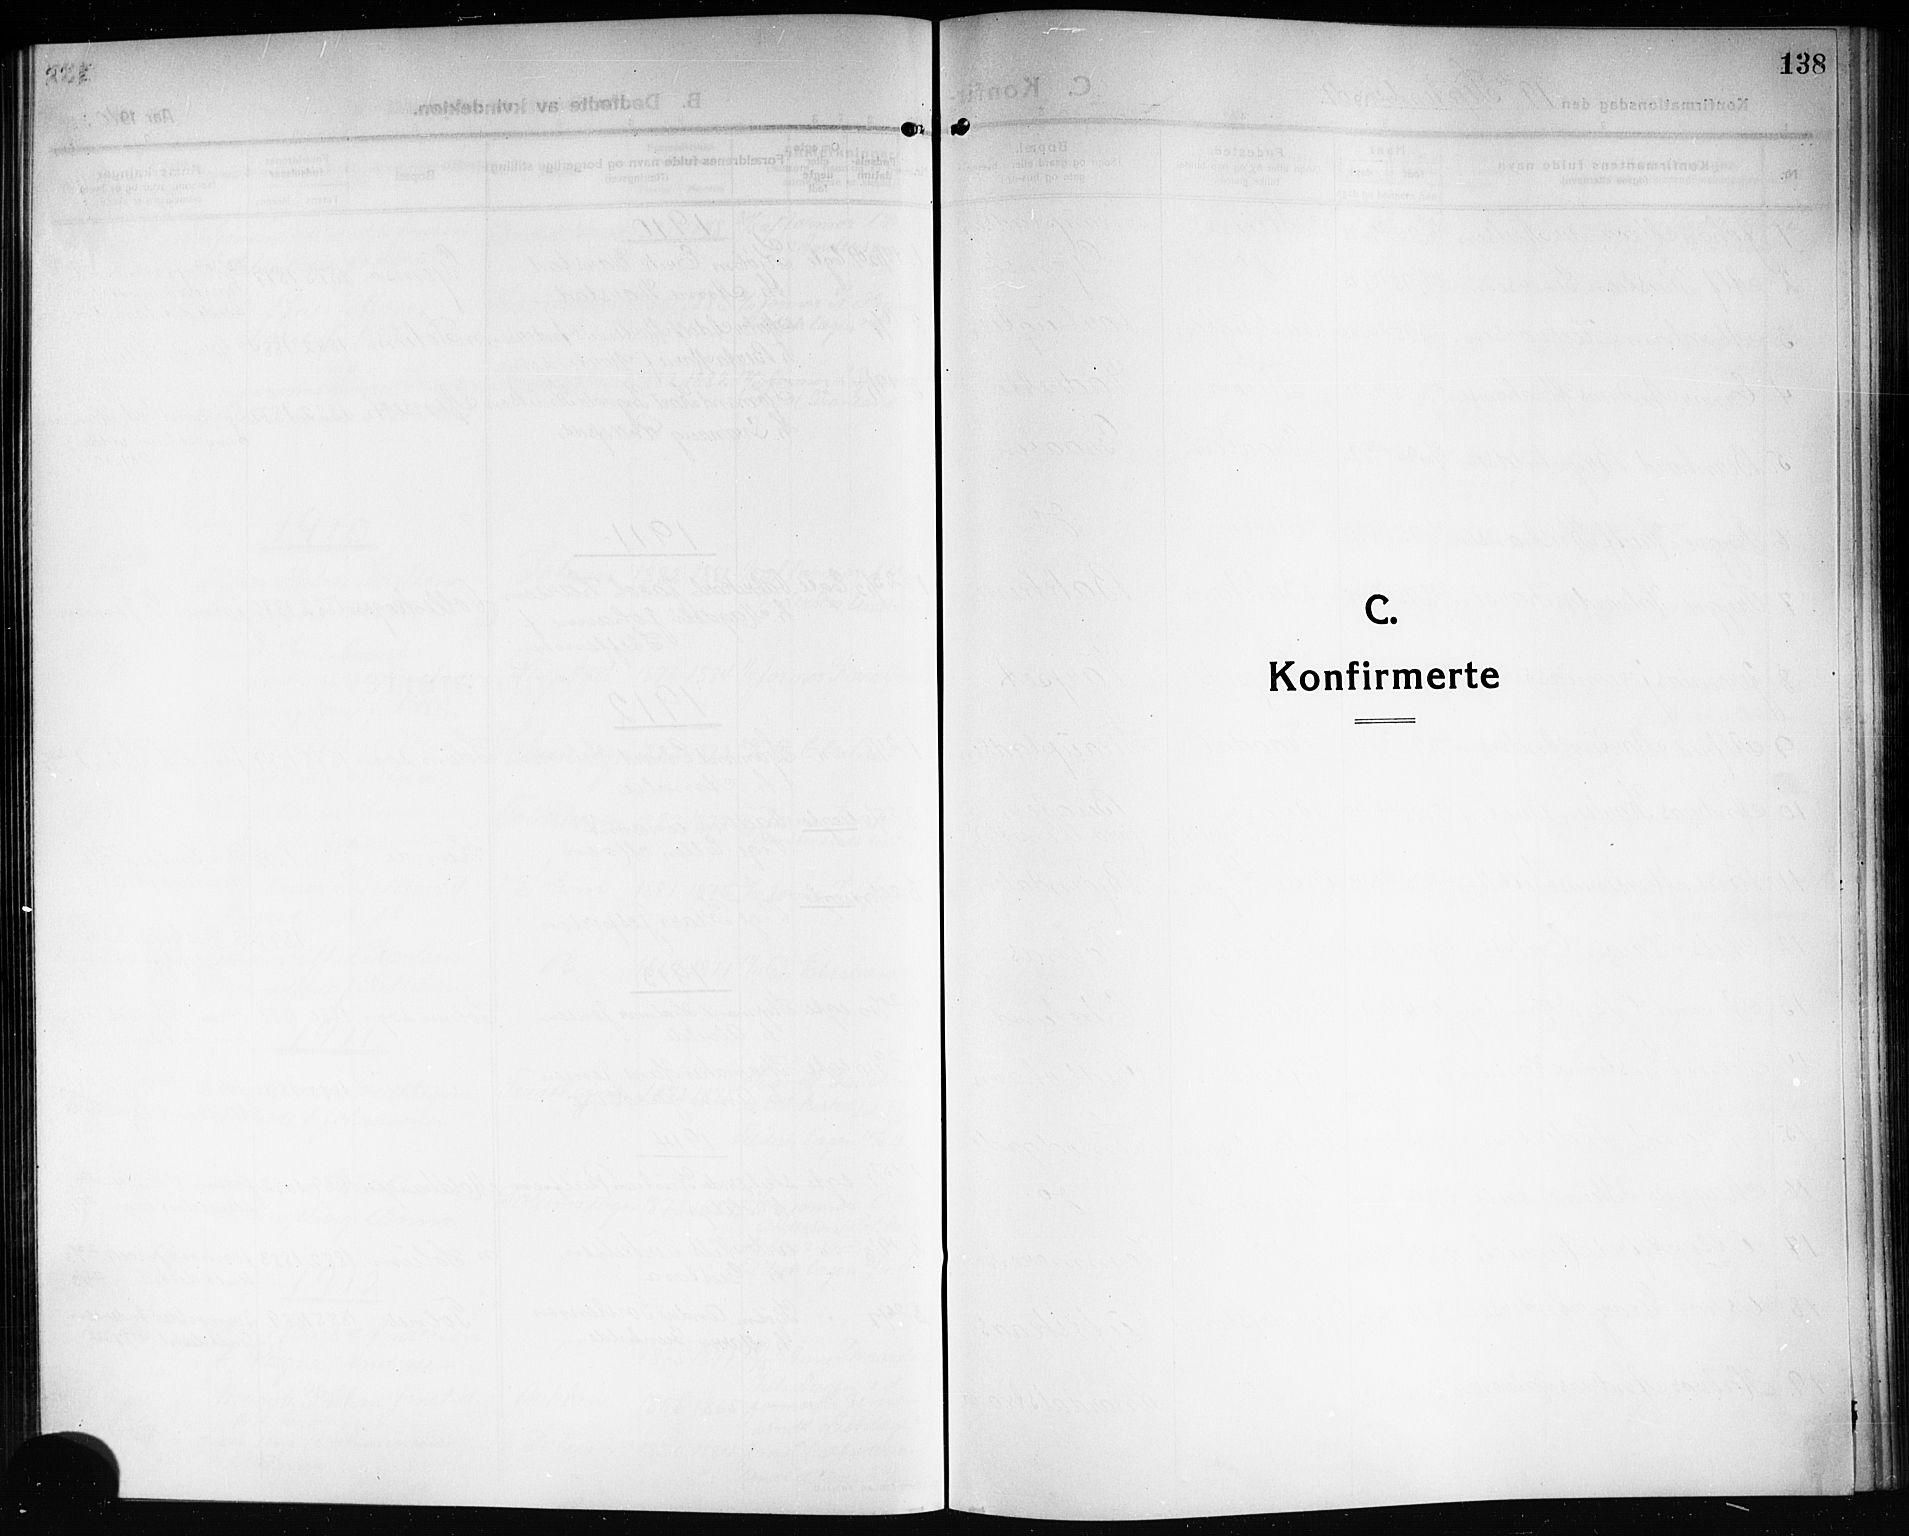 SAKO, Solum kirkebøker, G/Ga/L0009: Klokkerbok nr. I 9, 1909-1922, s. 138